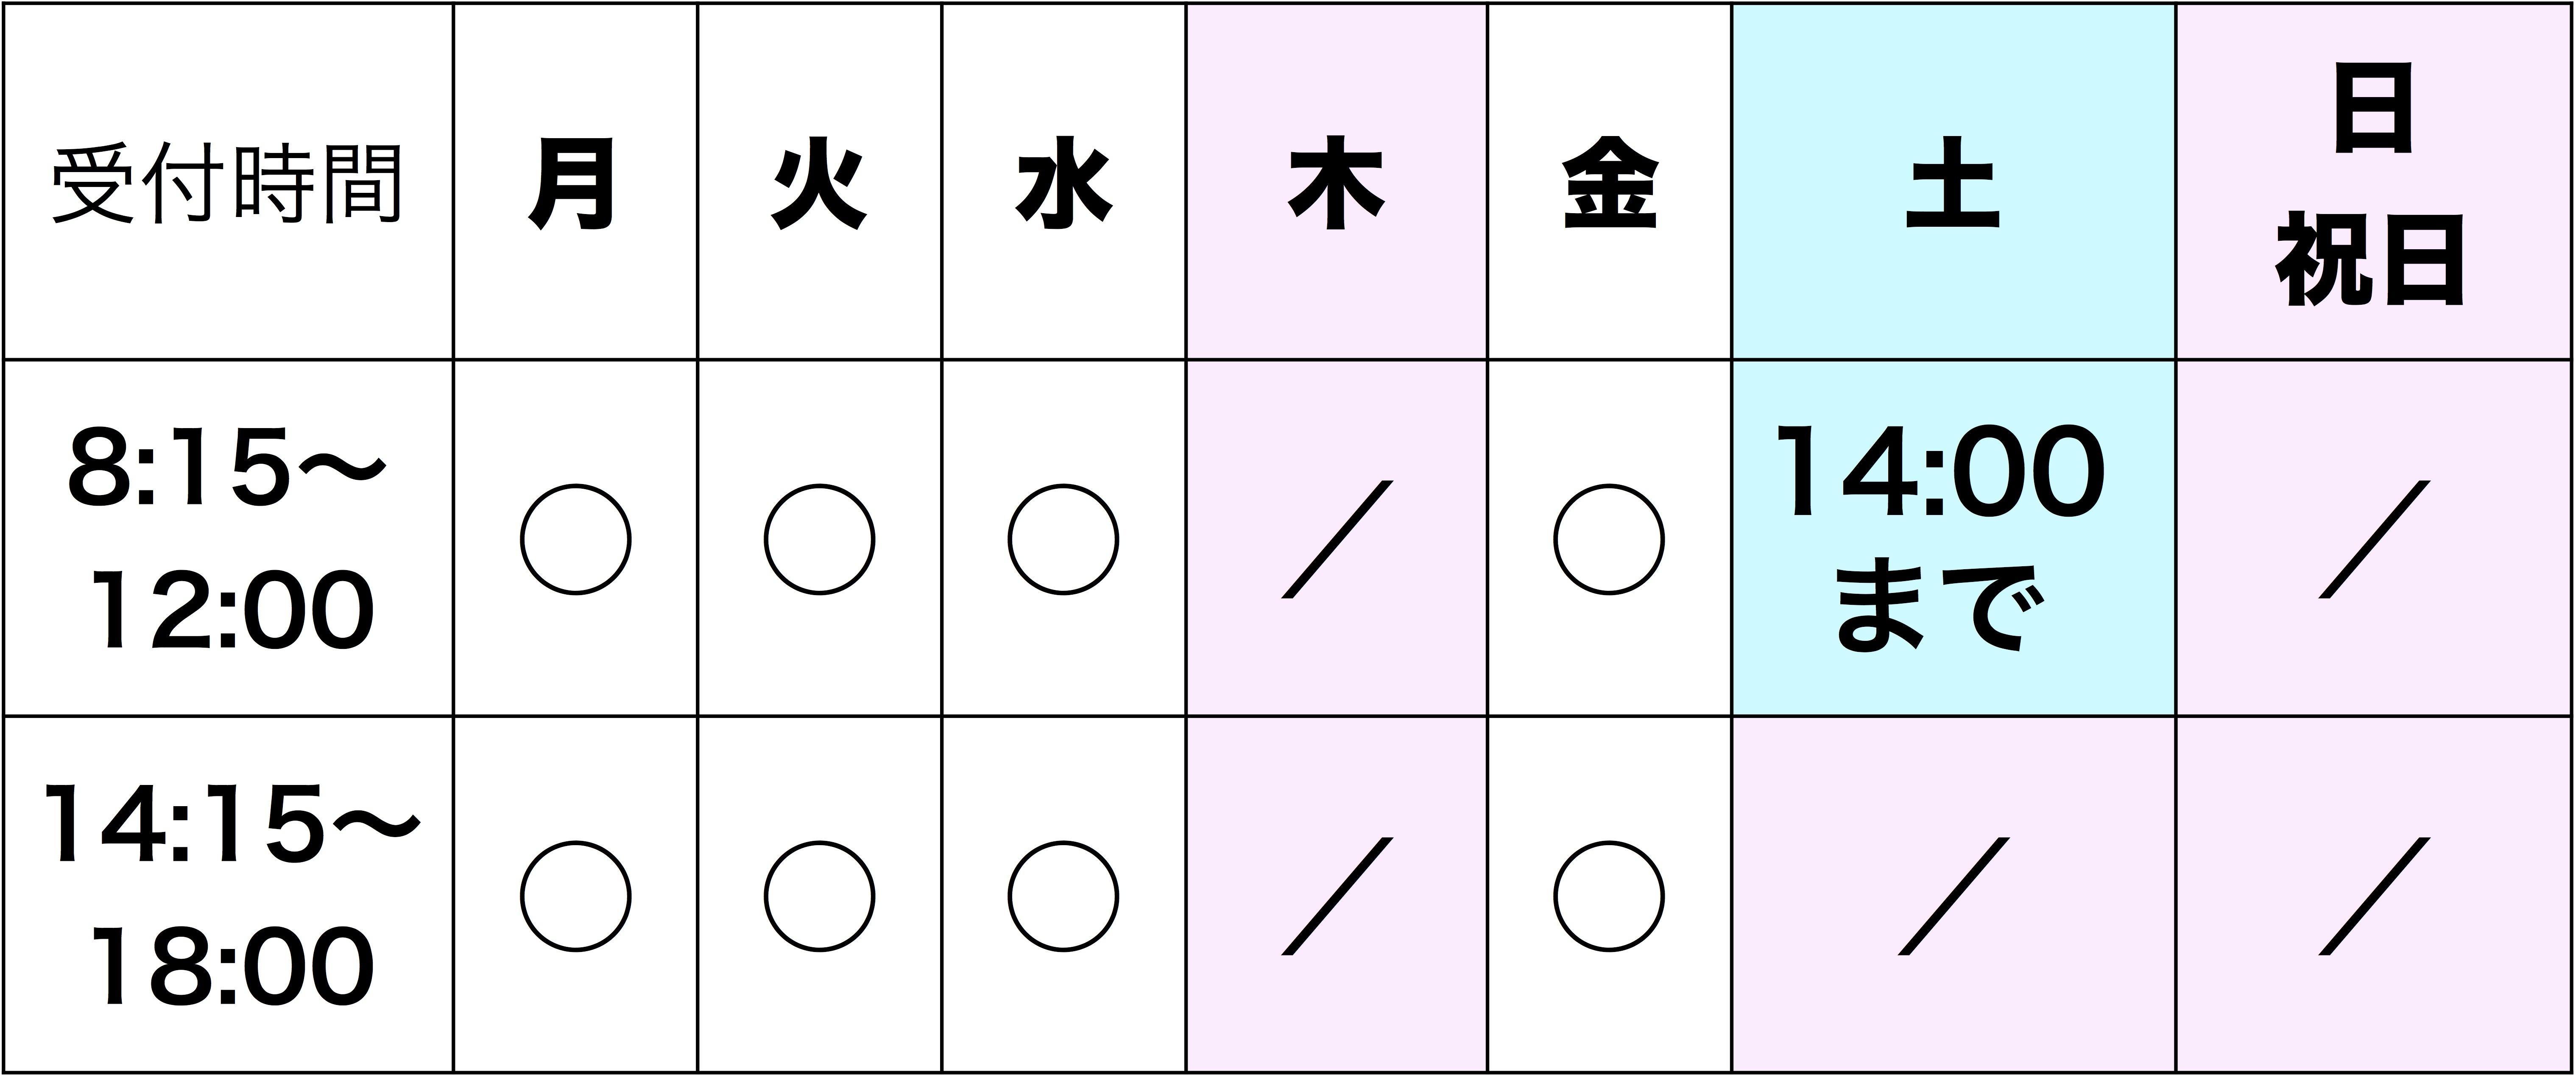 shinryou.jpg